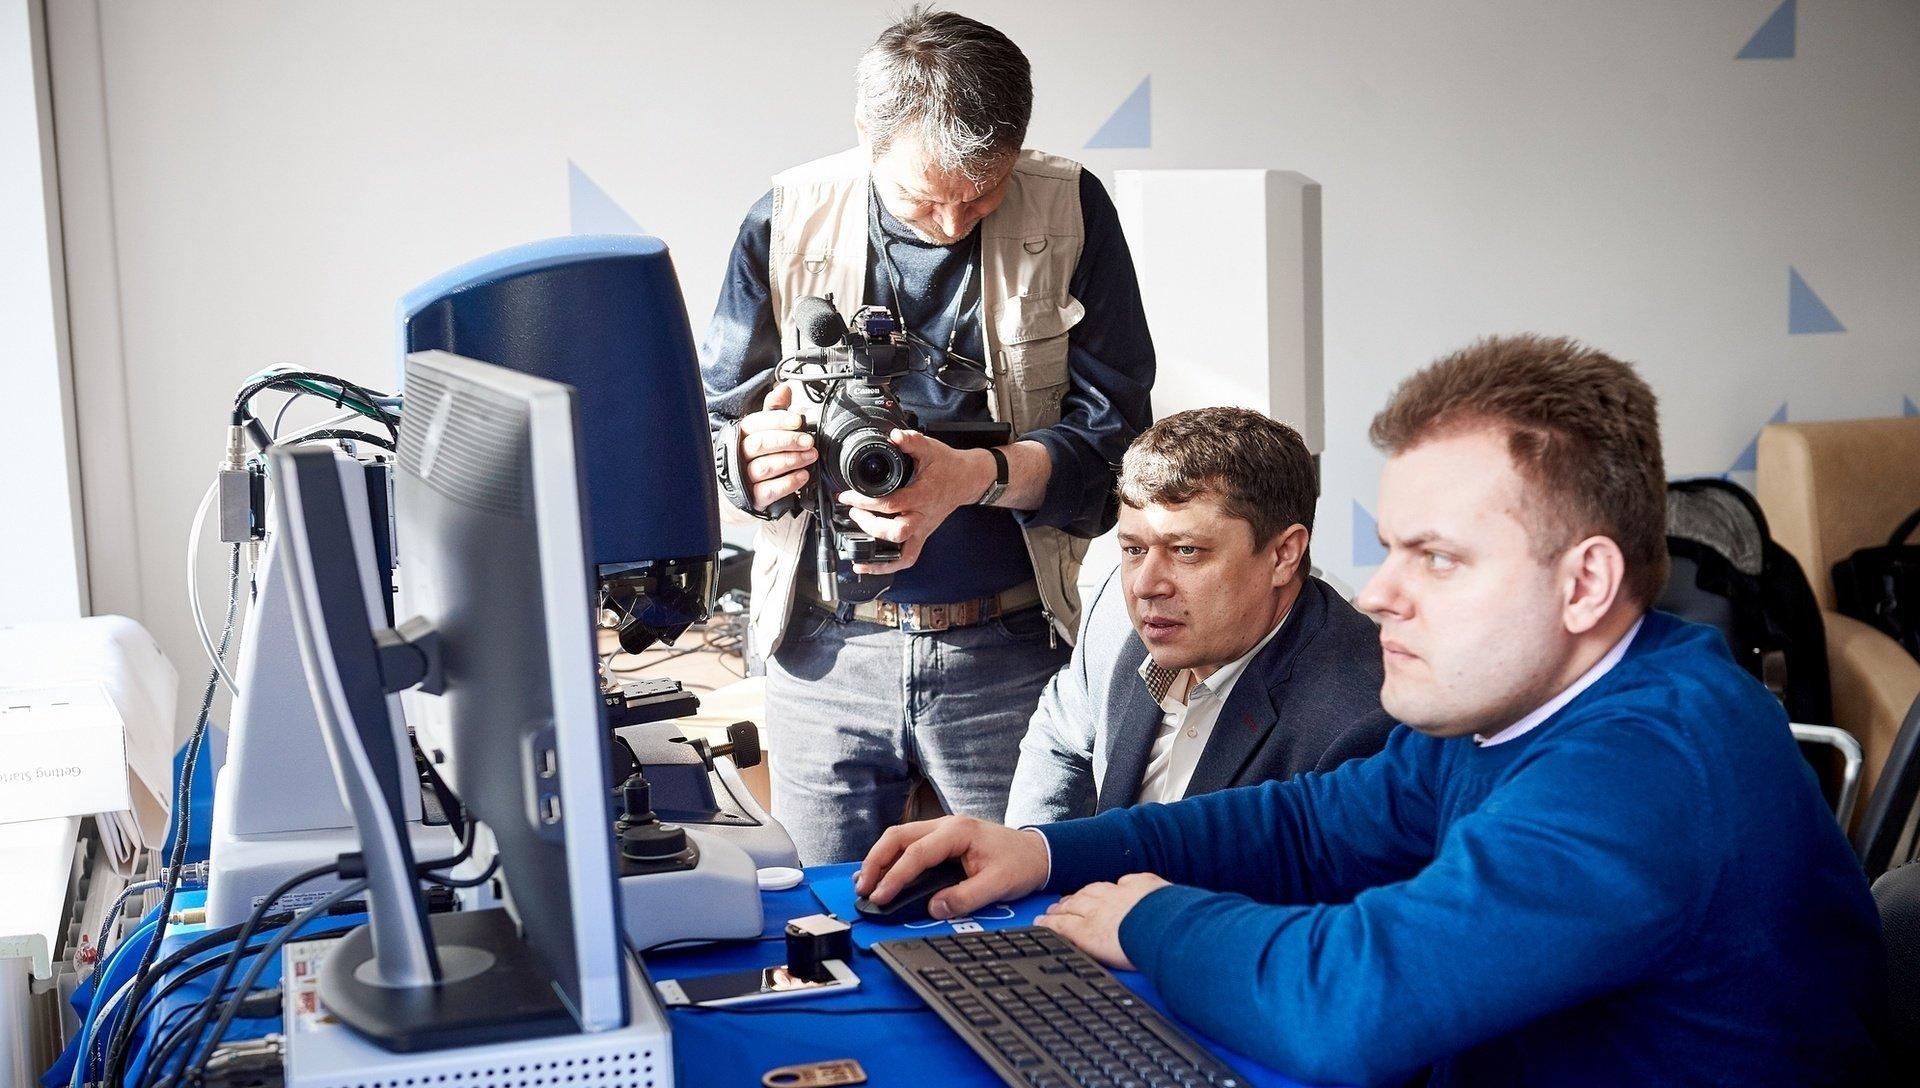 растение армерия второе образование фототехник гренландия невероятно тихое